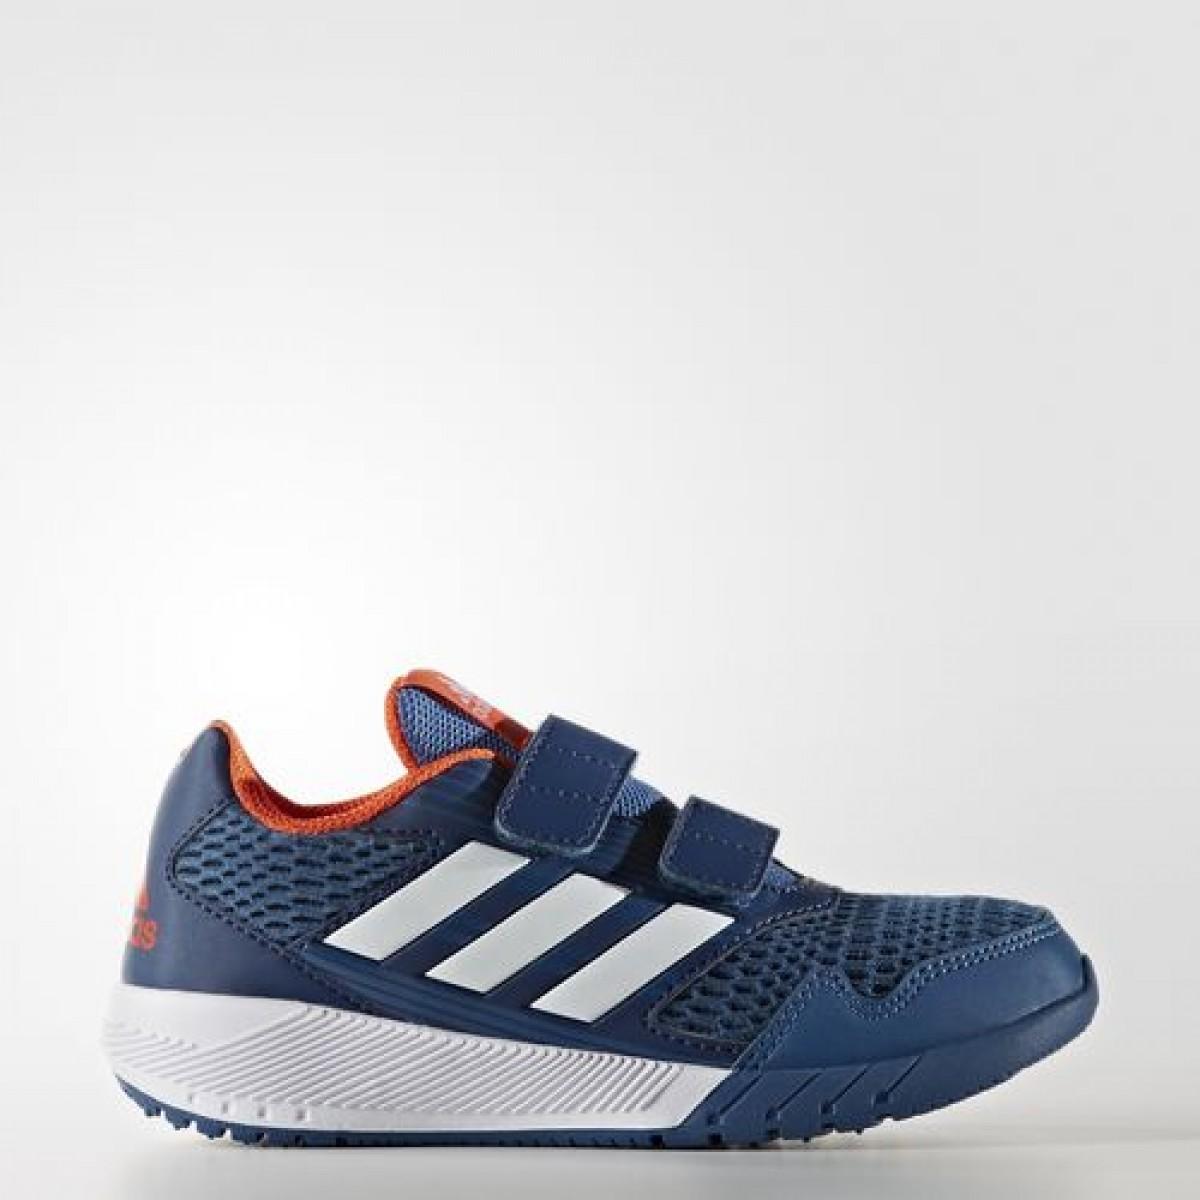 Adidas Turnschuh Altarun Größe wählbar mLS3bc4